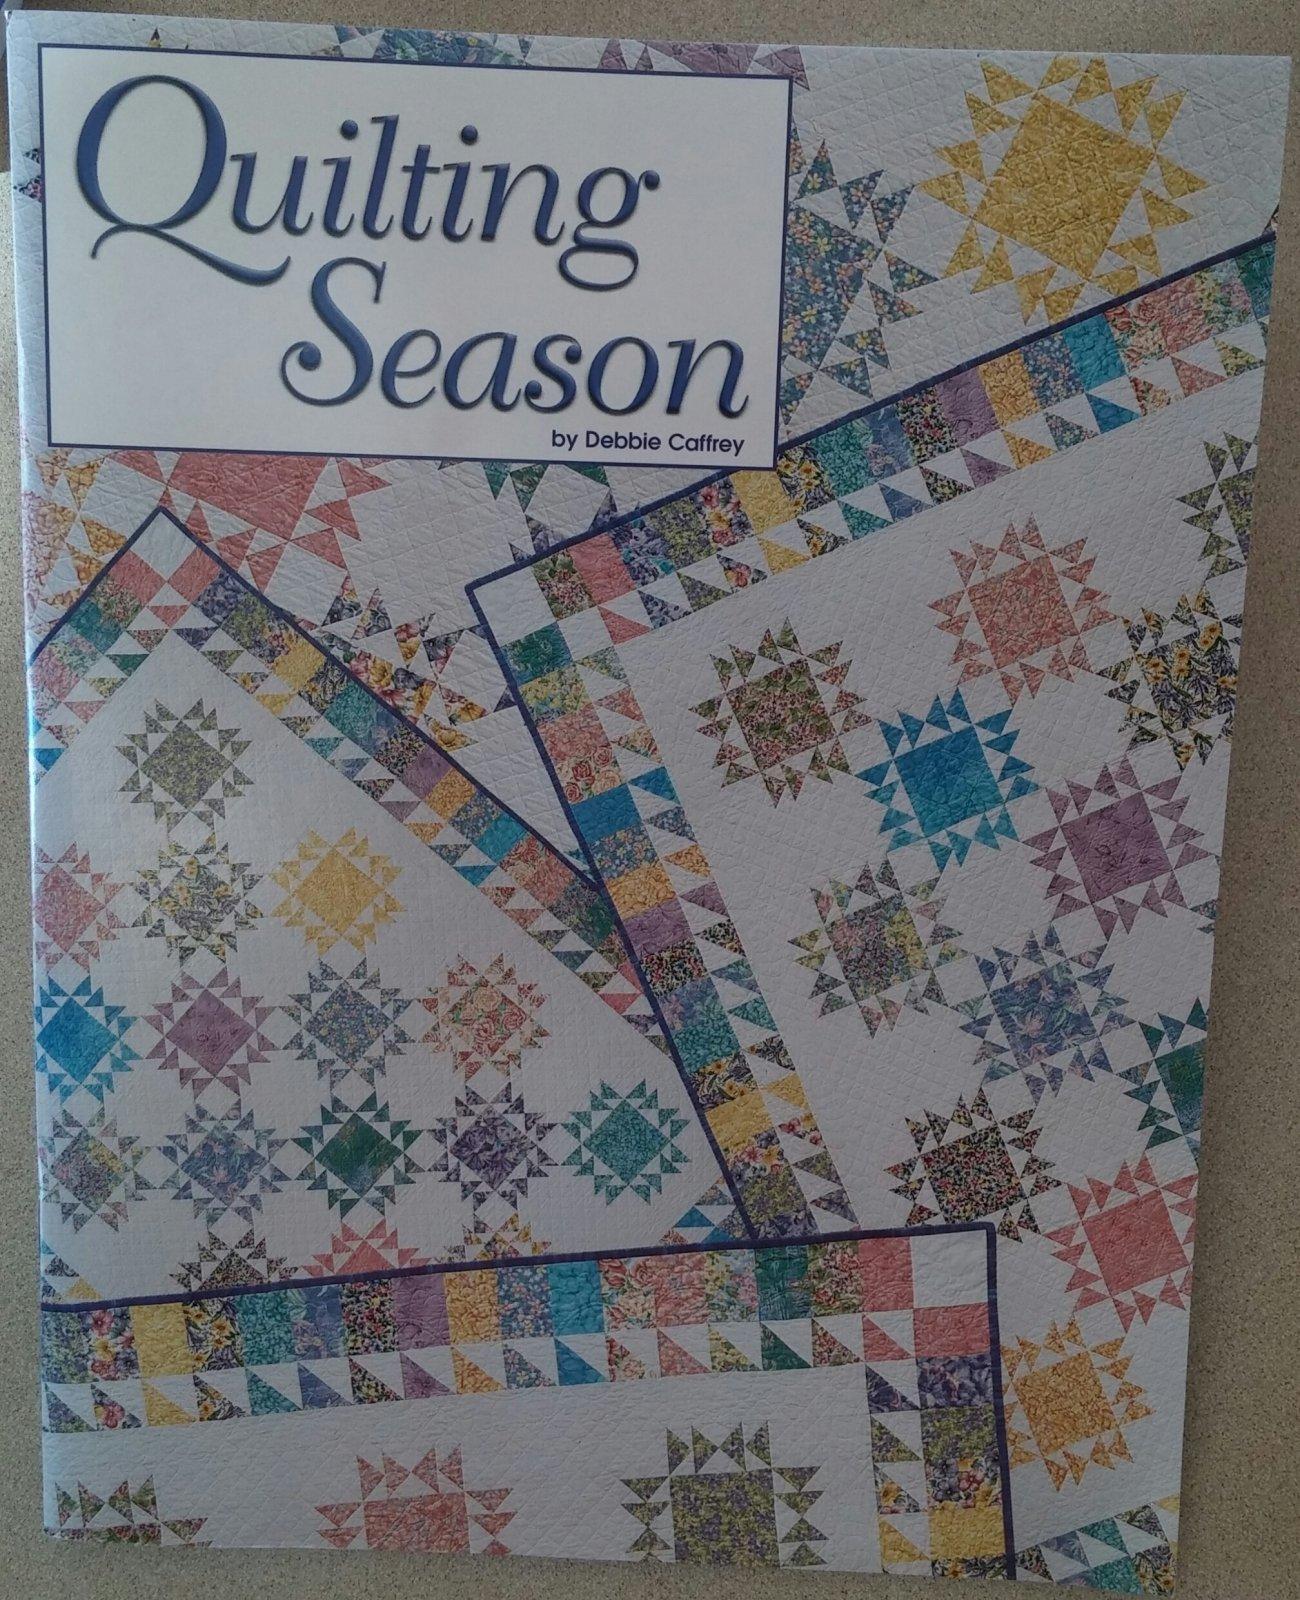 Quilting Season by Debbie Caffrey